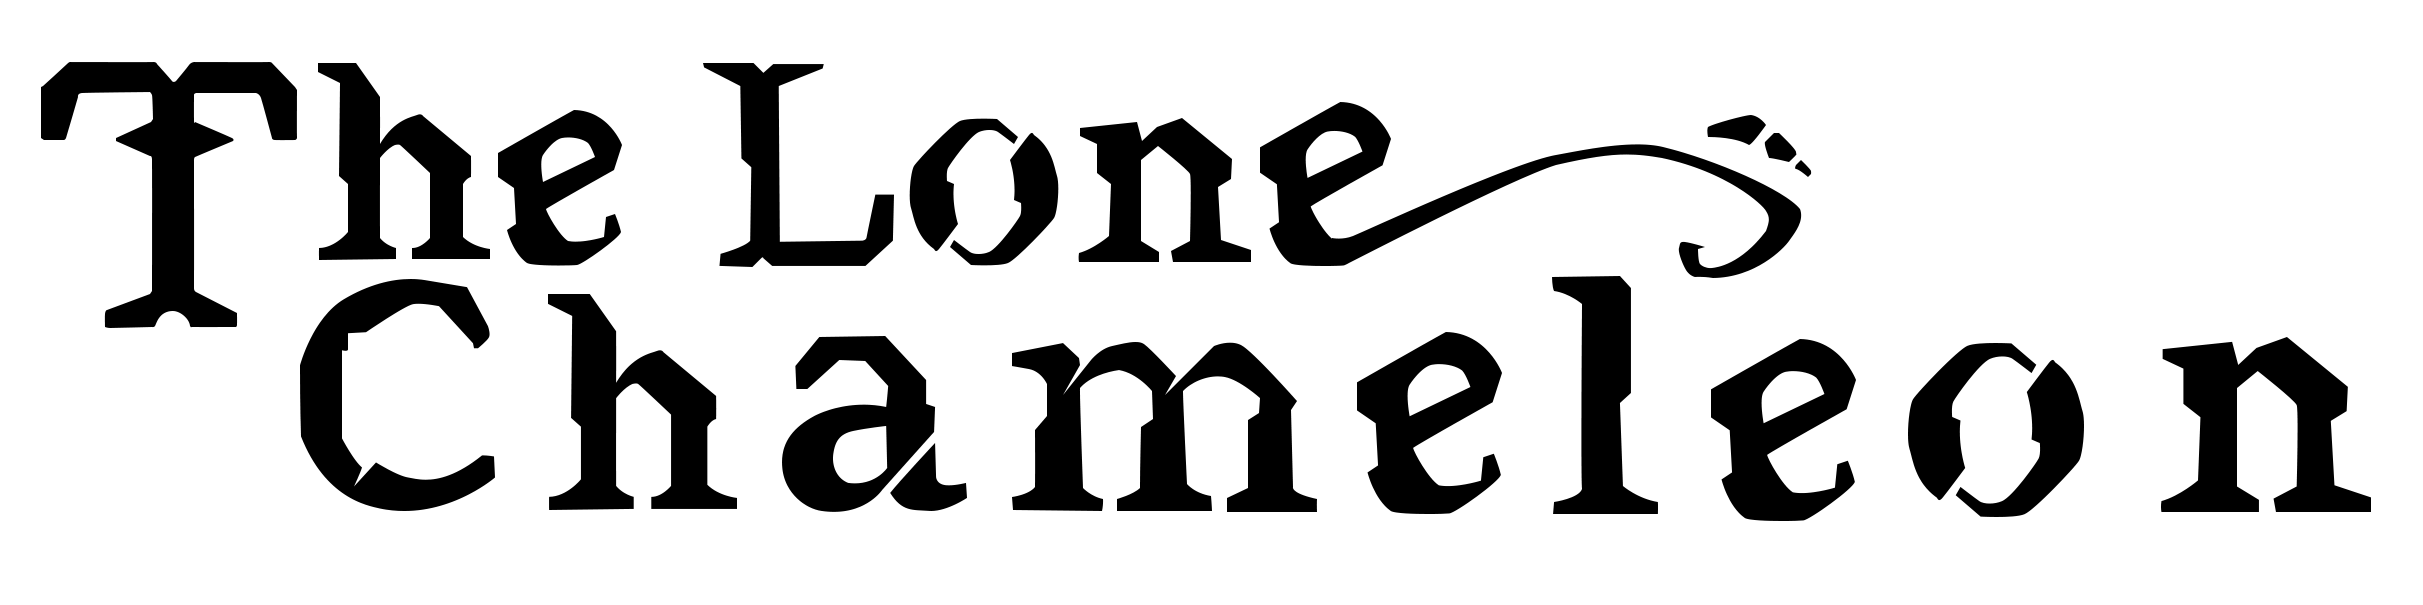 titre noir